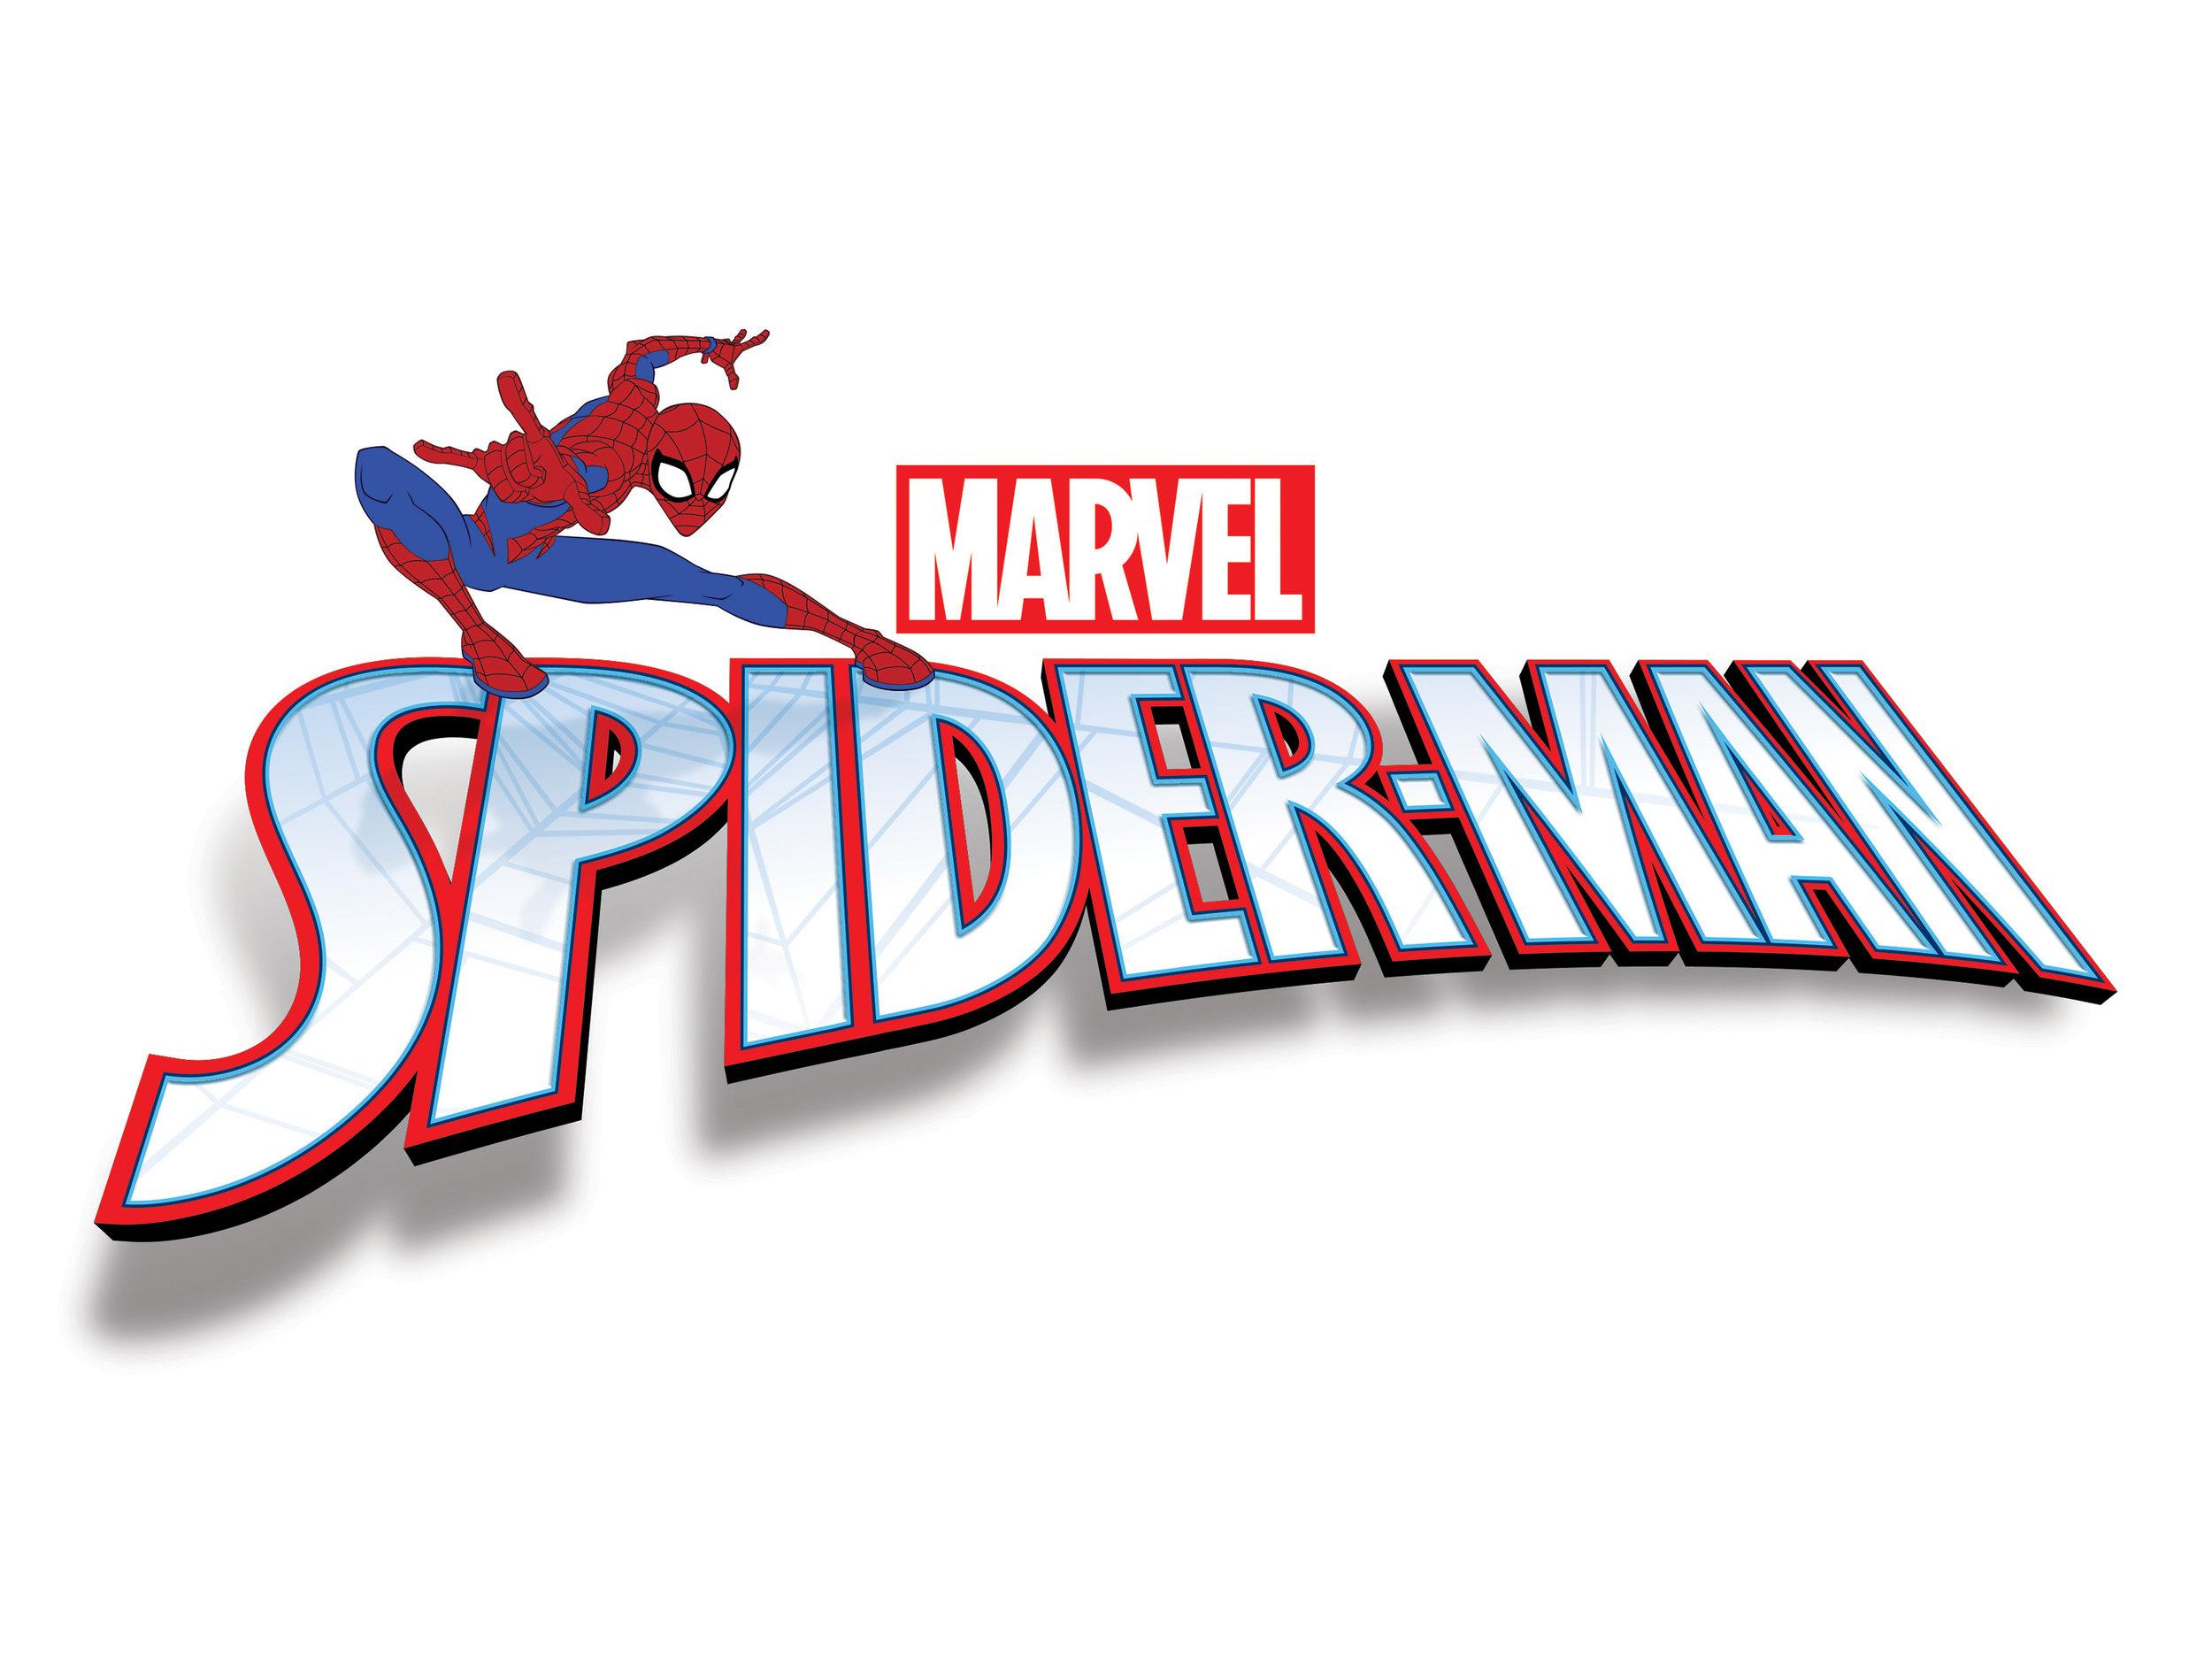 marvel-spider-man-pic.jpg